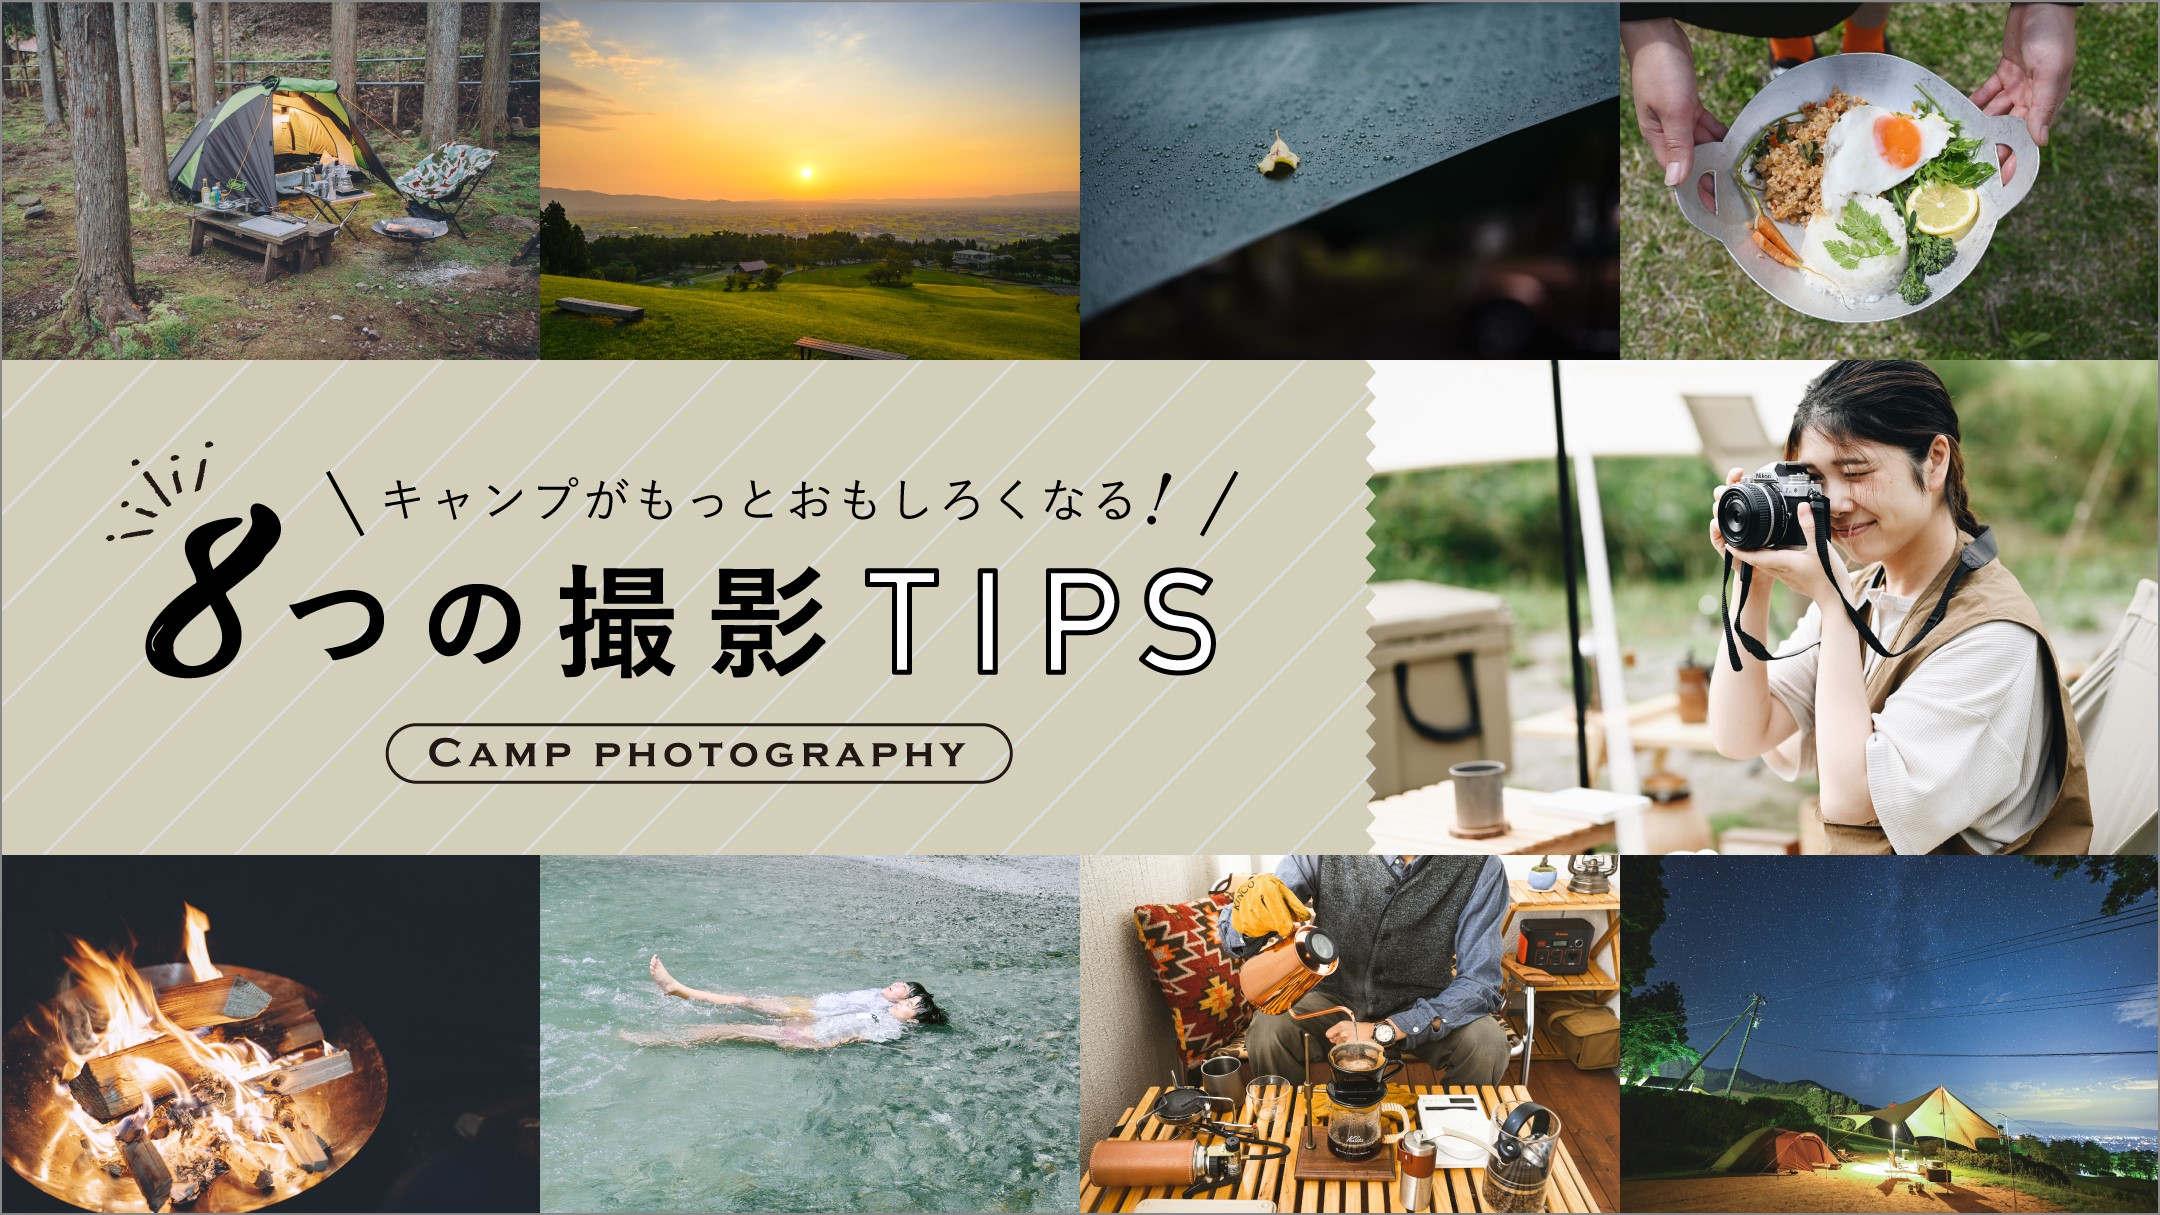 キャンプがもっとおもしろくなる!8つの撮影TIPS – 楽しむ様子から料理、風景、星、雨の日の撮影まで